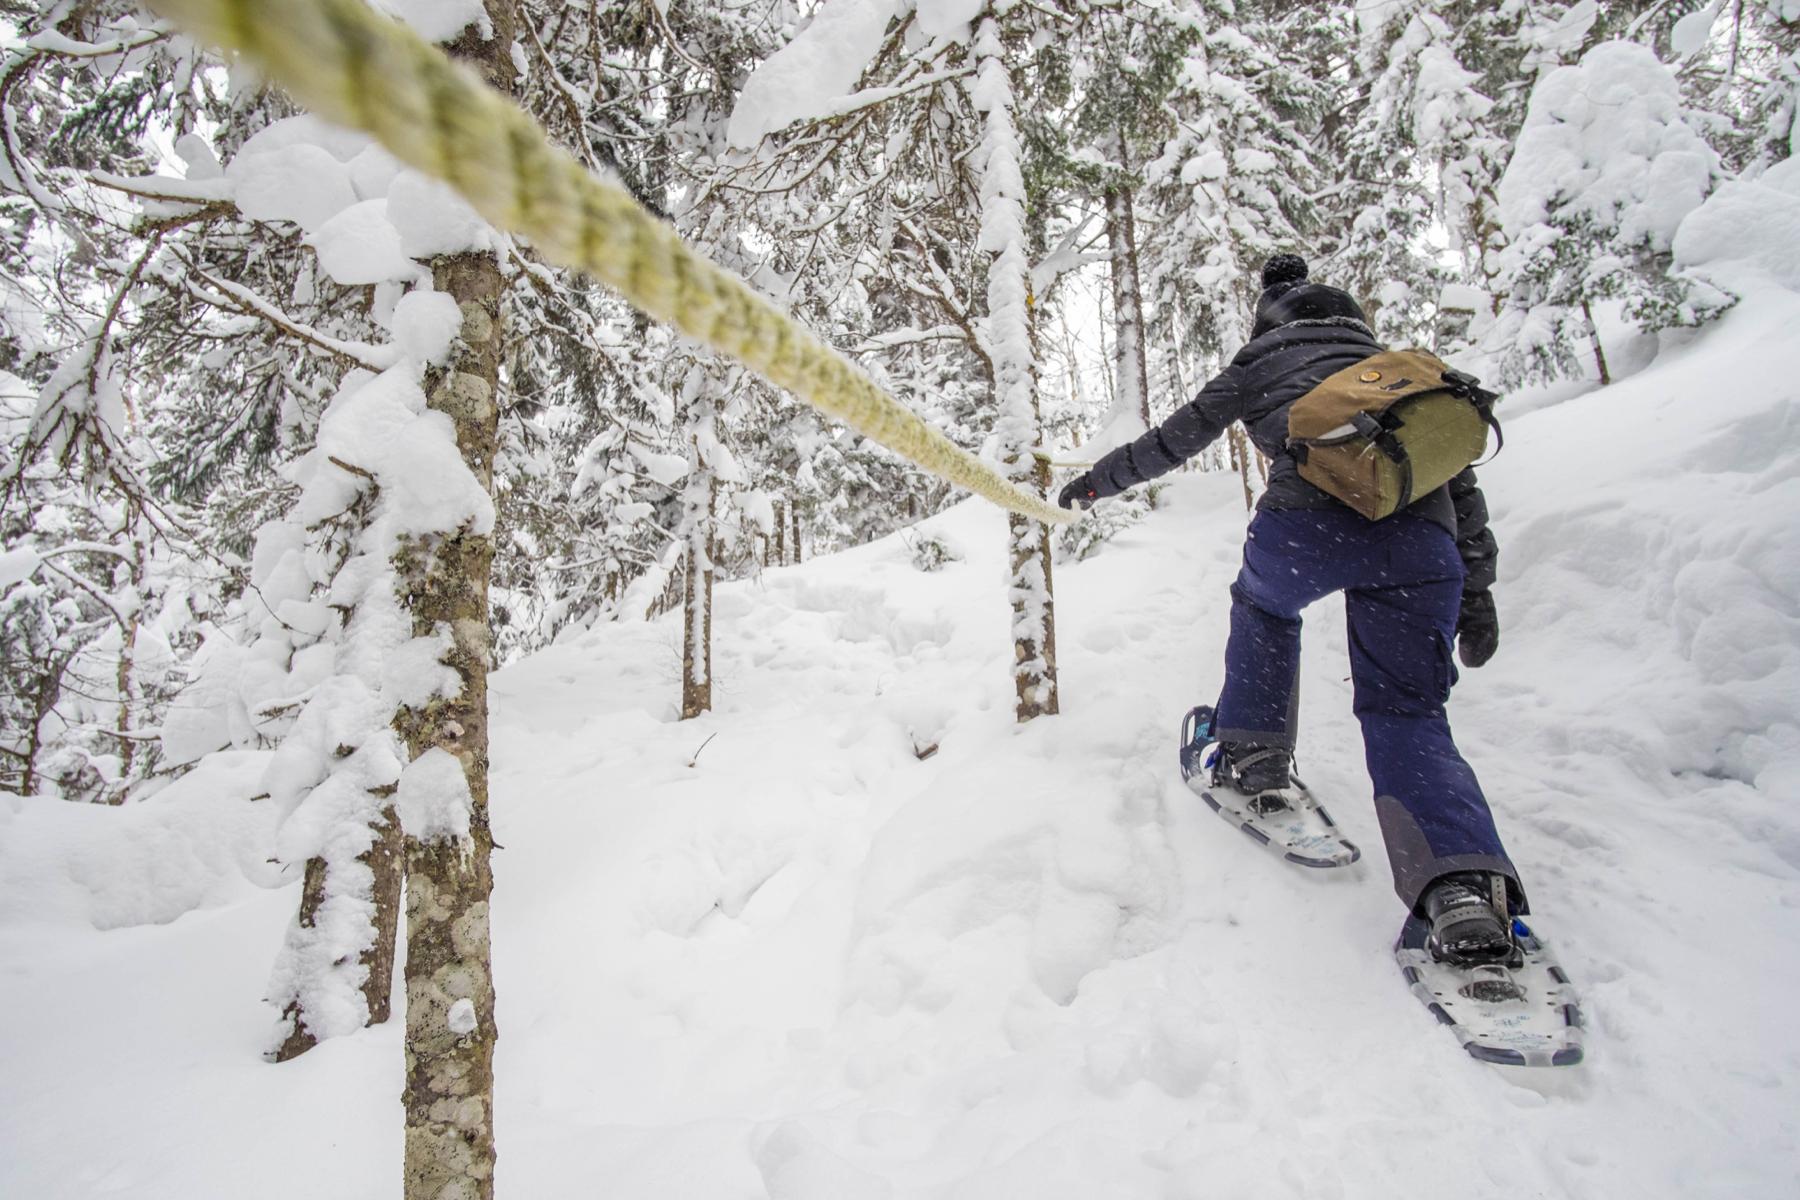 parc-montagne-du-diable-activités-hiver-raquettes-03